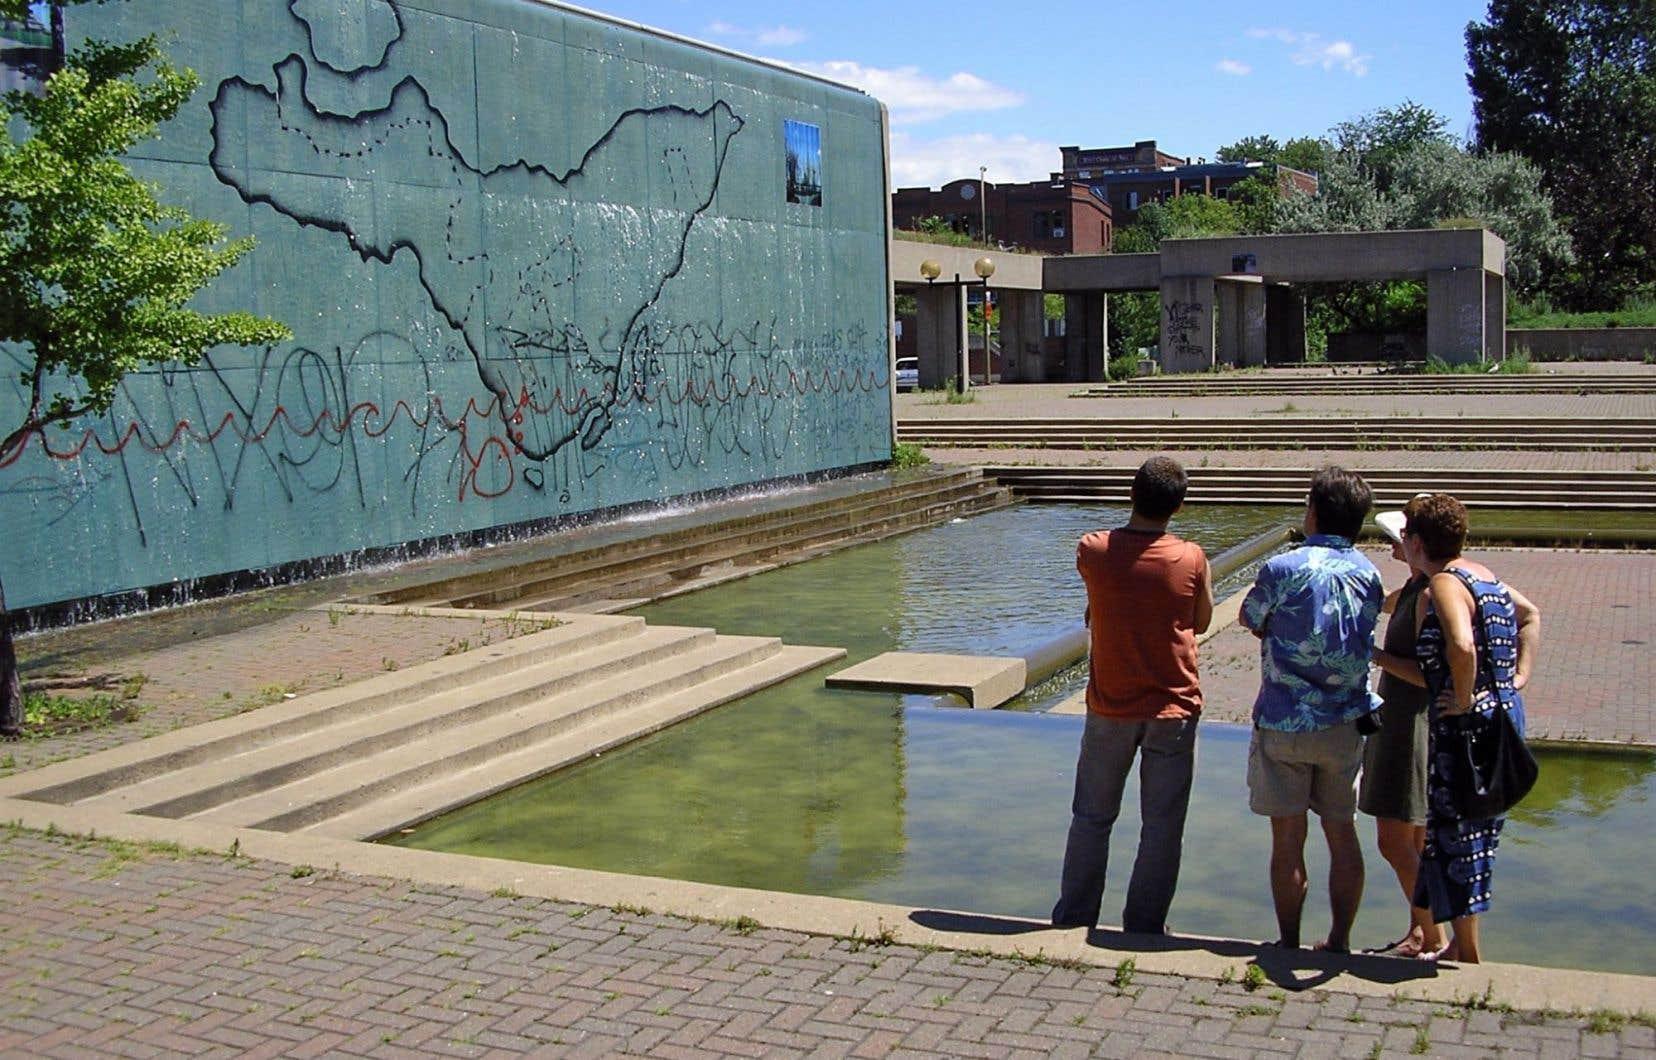 Le centre Dare-Dare a dynamisé le square Viger entre 2004 et 2006. Un prix Orange lui avait été attribué à l'époque.